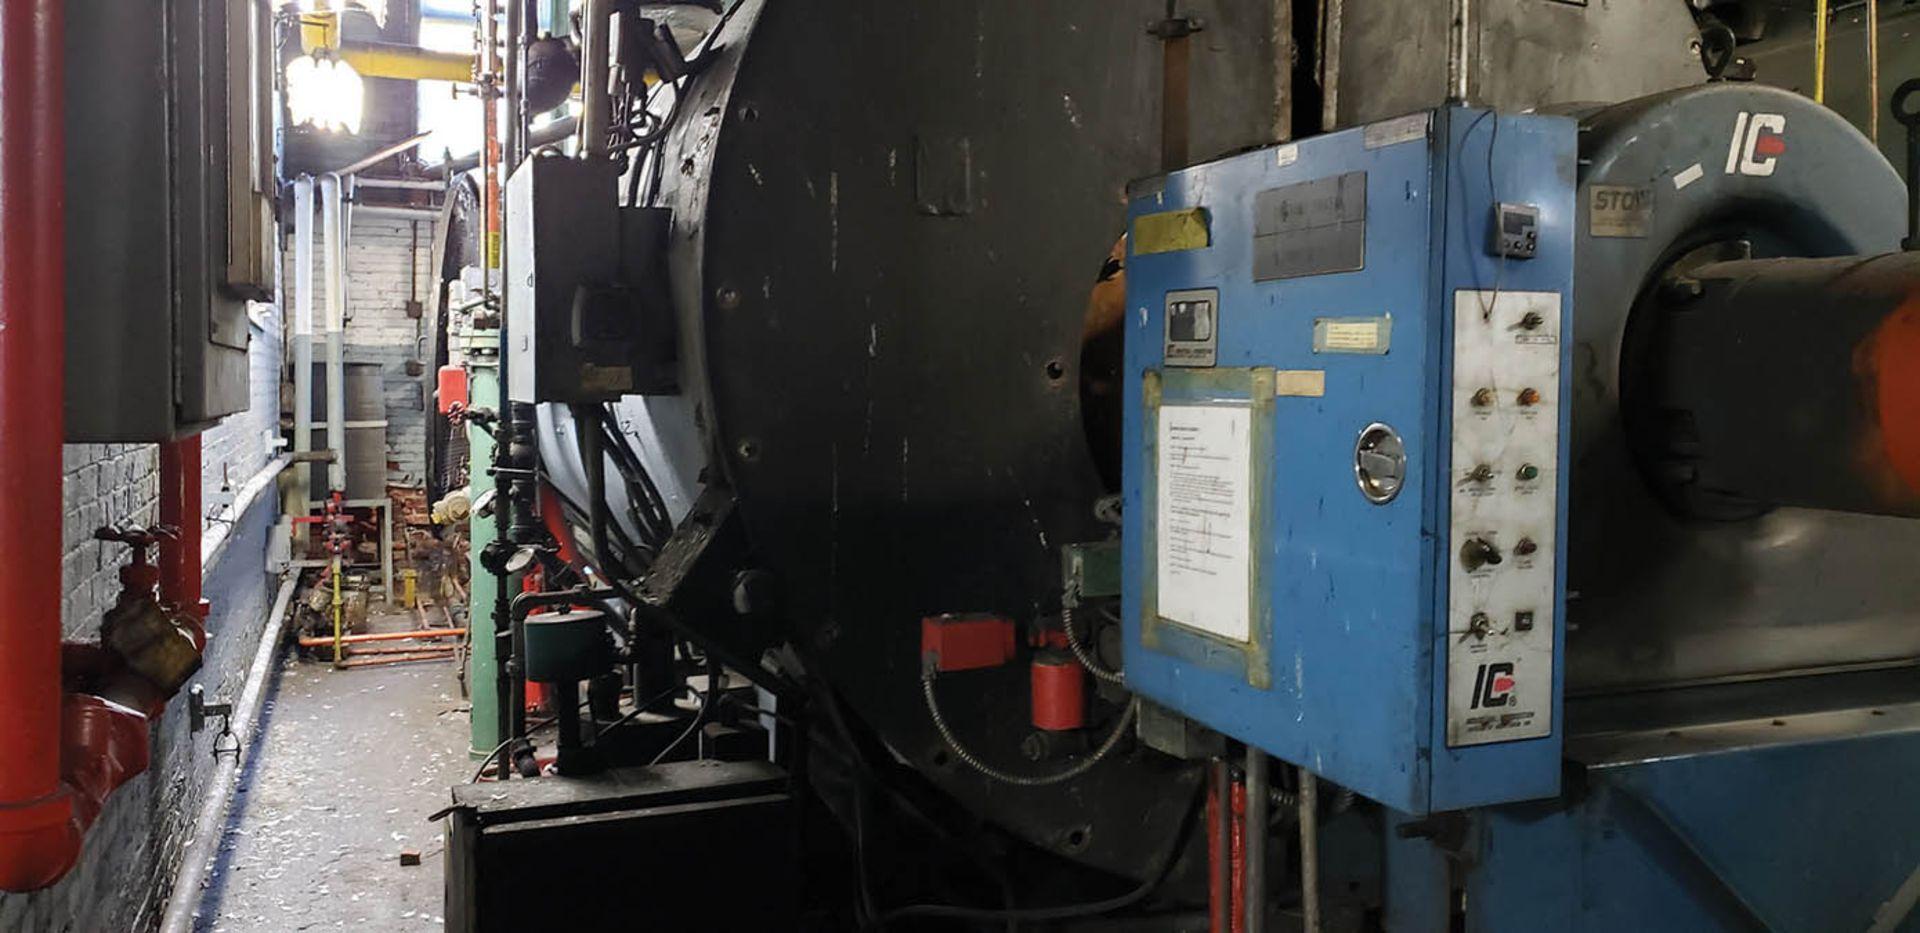 1958 AMES 500 HP #4 OIL BOILER, 150 LBS. MAX. PRESSURE, S/N 60017 - Image 2 of 4